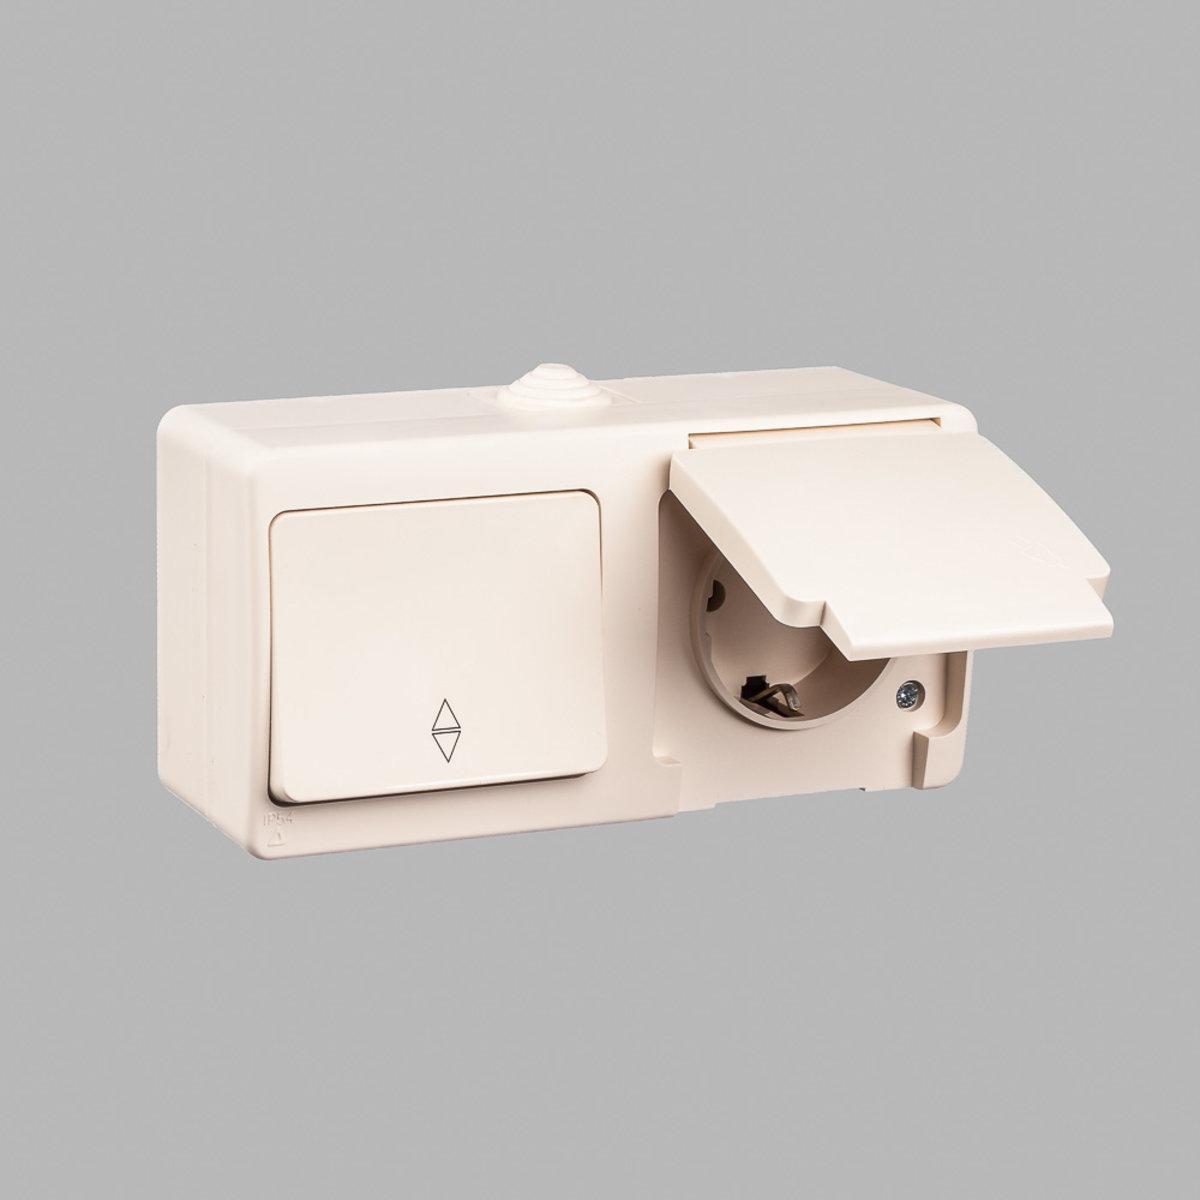 Nemli блок вимикач прохідний 1-й з підсвіткою + розетка з заземленням вологозахищений сірий